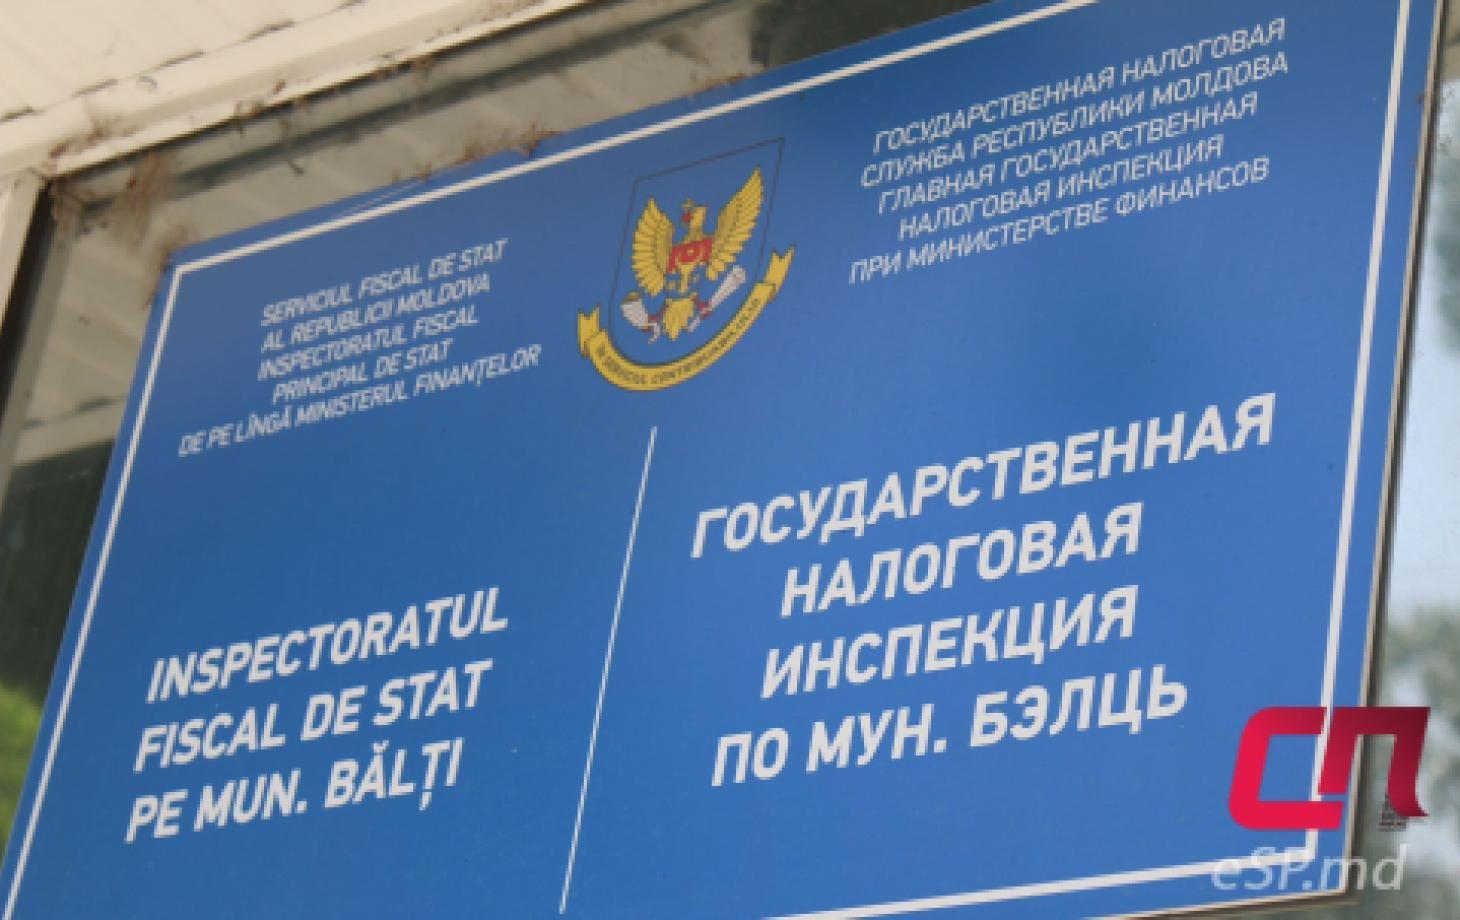 Табличка Государственная налоговая инспекция Бельц